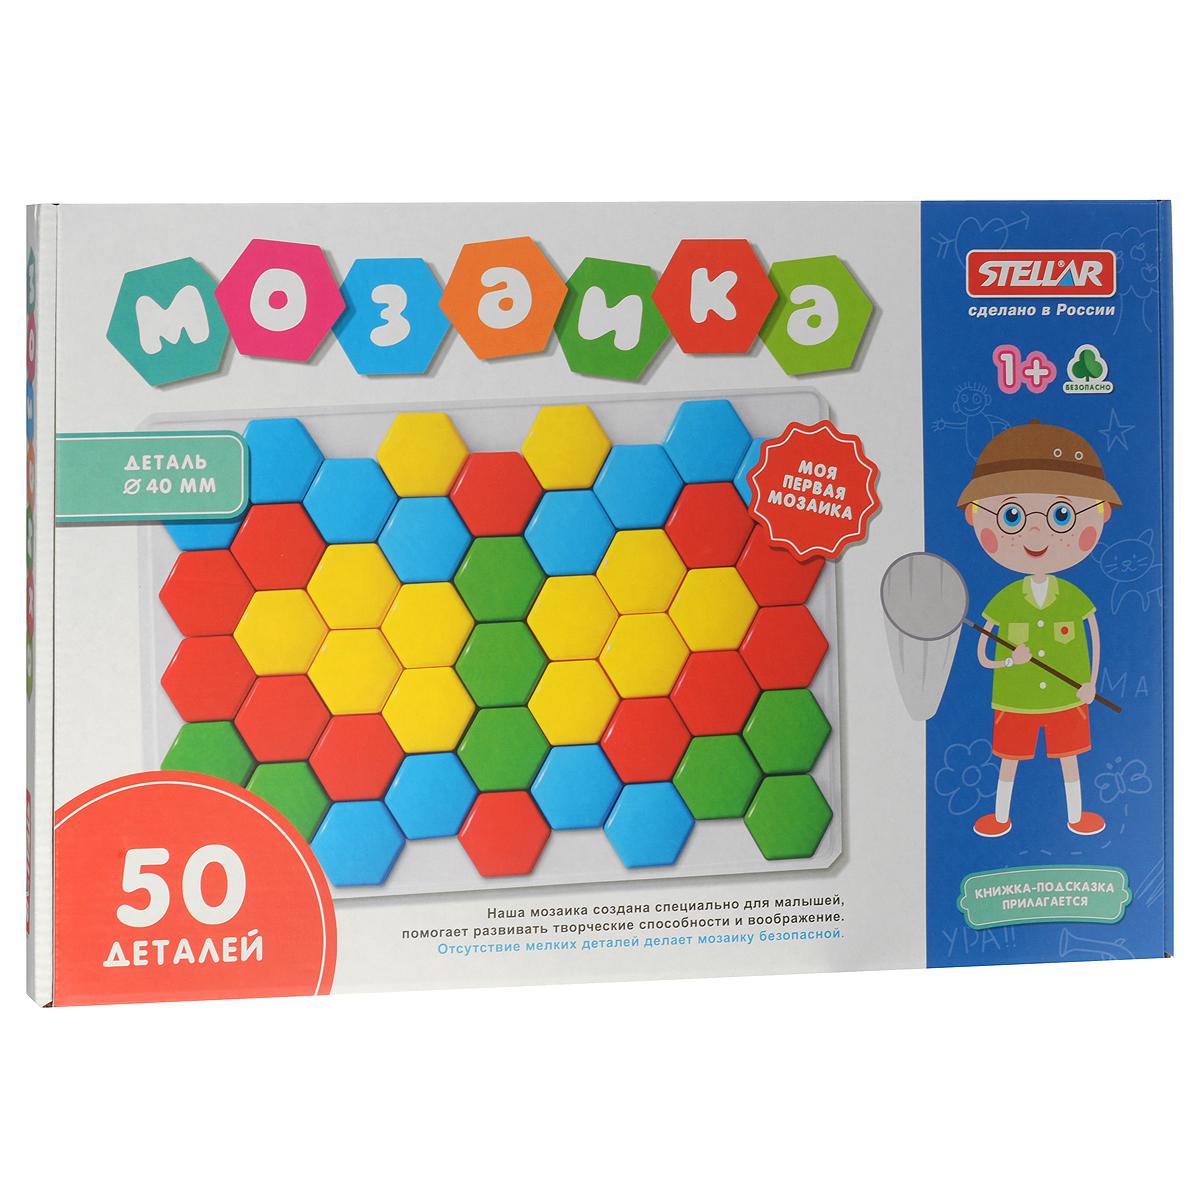 Мозаика Stellar, 50 элементов. 0101501015Мозаика Stellar - это яркая и увлекательная развивающая игра. Мозаика включает в себя игровое поле, книжку-подсказку с примерами сборки и 50 разноцветных выпуклых элементов, при помощи которых ребенок сможет создавать объемные цветные картинки. Для этого ему нужно лишь вставлять фишки в плату, руководствуясь изображениями в книжке-подсказке или собственной фантазией. Элементы мозаики выполнены из полипропилена. Рисунки, представленные в книжке, являются только примером, так как эта универсальная мозаика раскрывает перед ребенком неограниченные возможности моделирования и создания собственных шедевров. Игры с мозаикой способствуют развитию у малышей мелкой моторики рук, координации движений, внимательности, логического и абстрактного мышления, ориентировку на плоскости, а также воображения и творческих способностей.